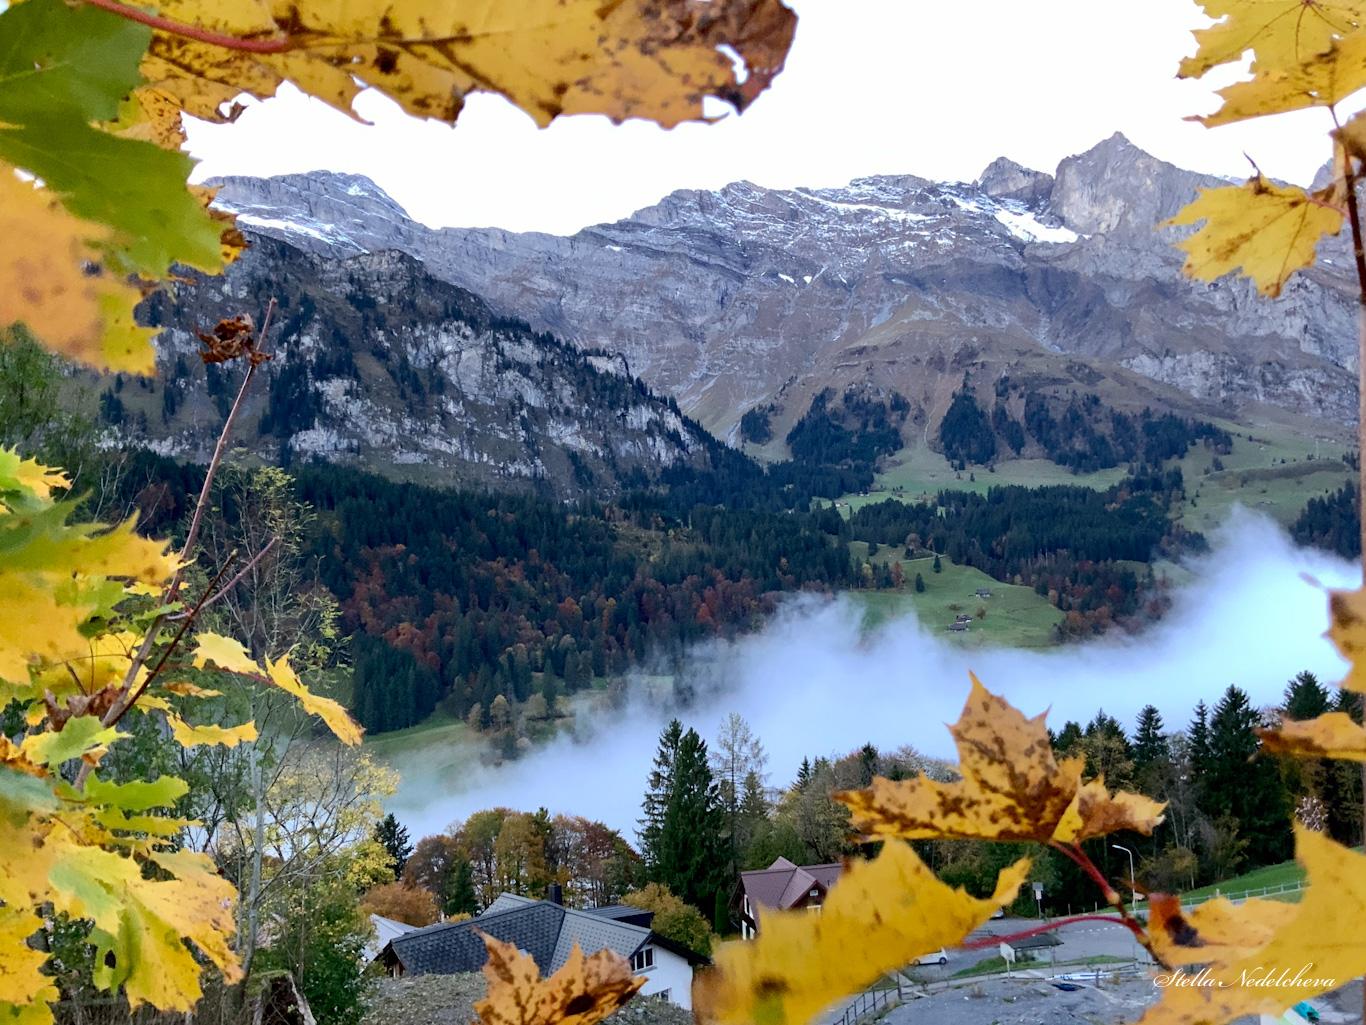 Automne dans les Alpes, brume du matin couvrant la vallée au pied des montagnes.